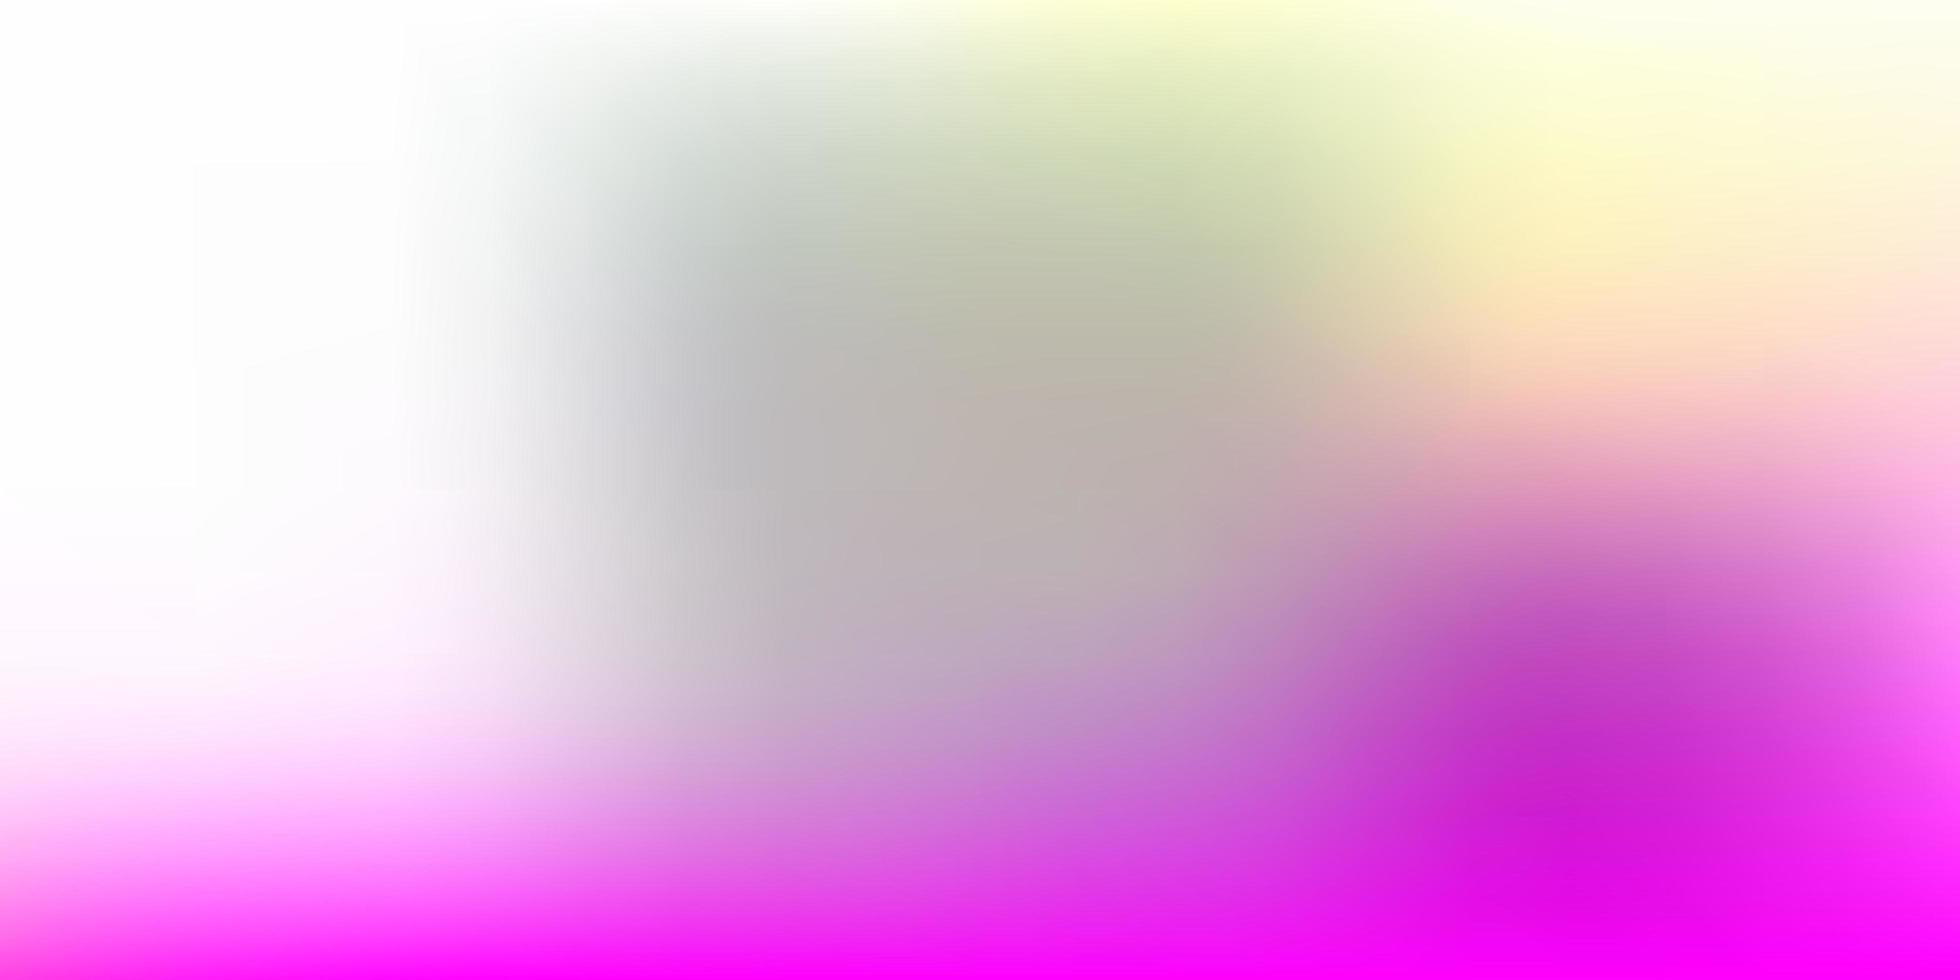 ljusrosa, gult mönster för oskärpa för gradient. vektor